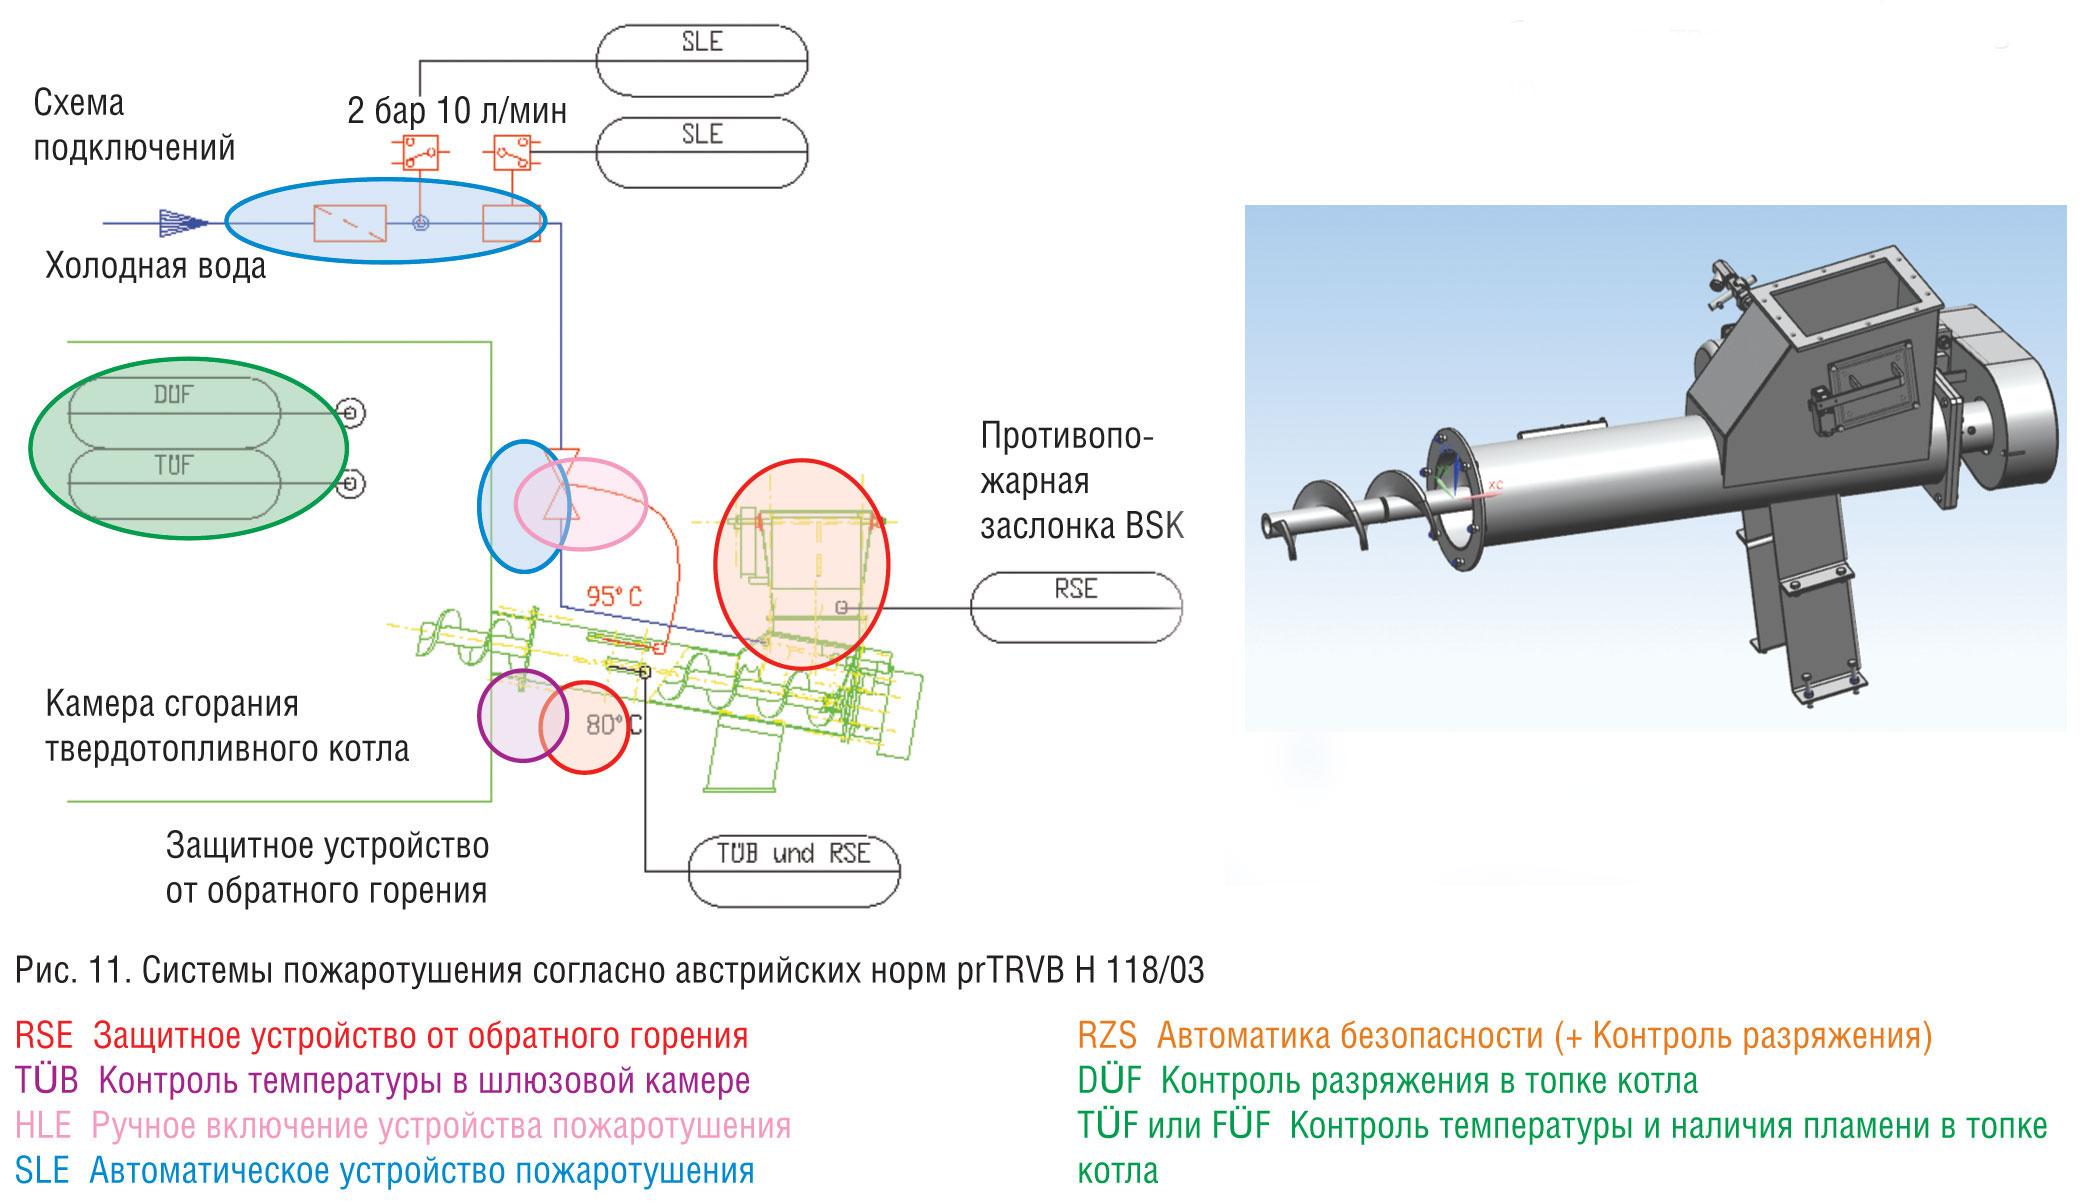 nacionalni_osoblivosti_tverdopalivnih_tehnologii_13.jpg